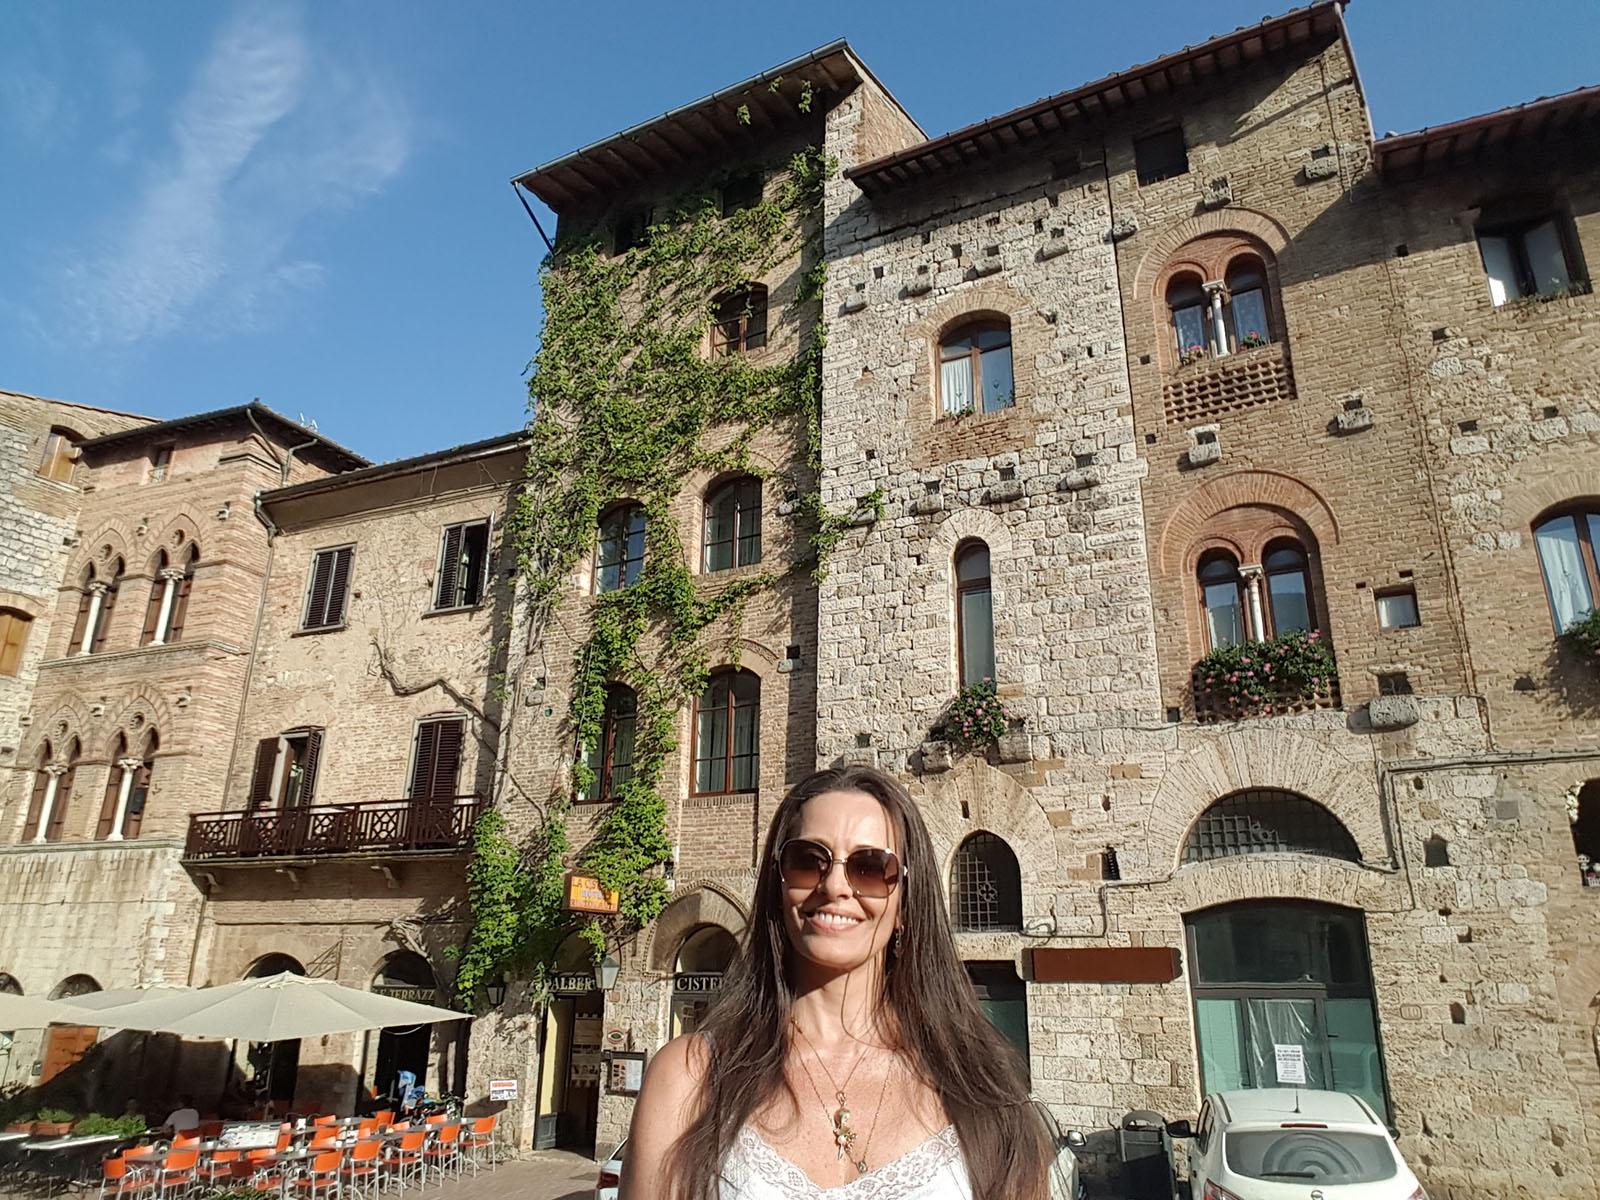 Blog-da-carla-vilhena-san-gimignano (5)